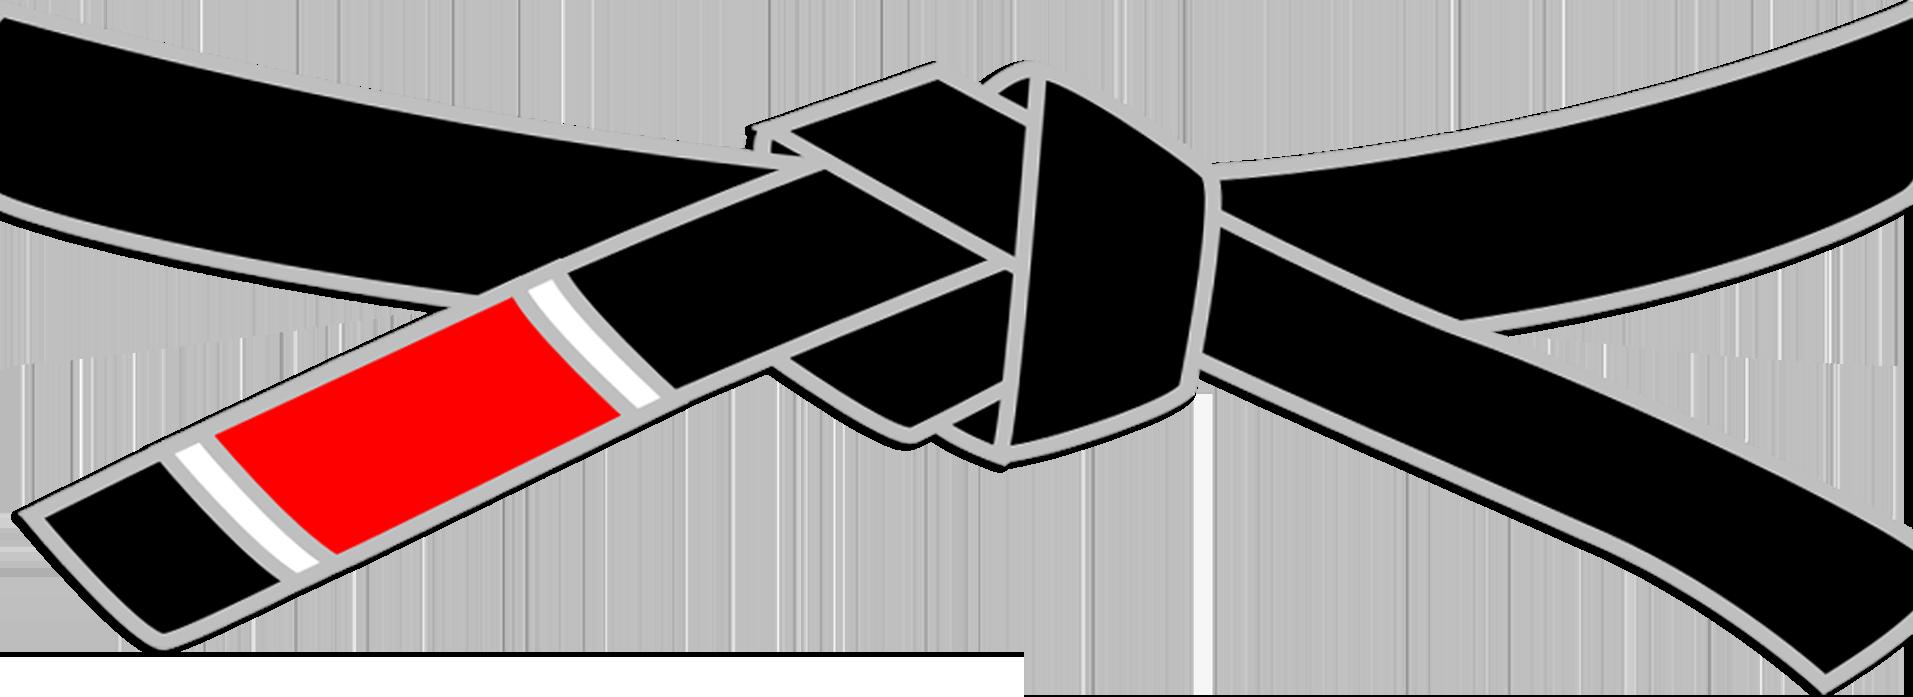 Bild på ett svartbälte som ligger över video